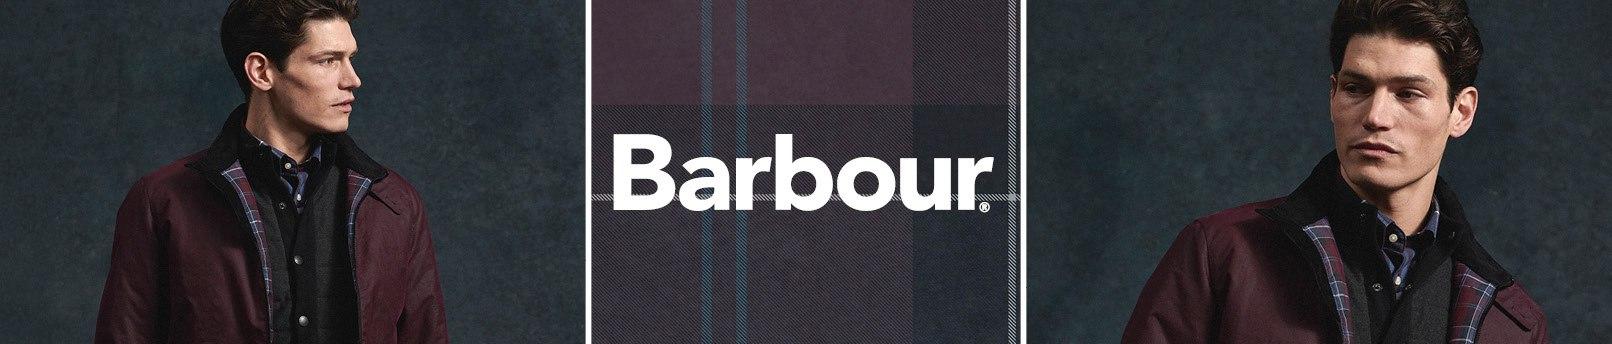 Barbour shoppen